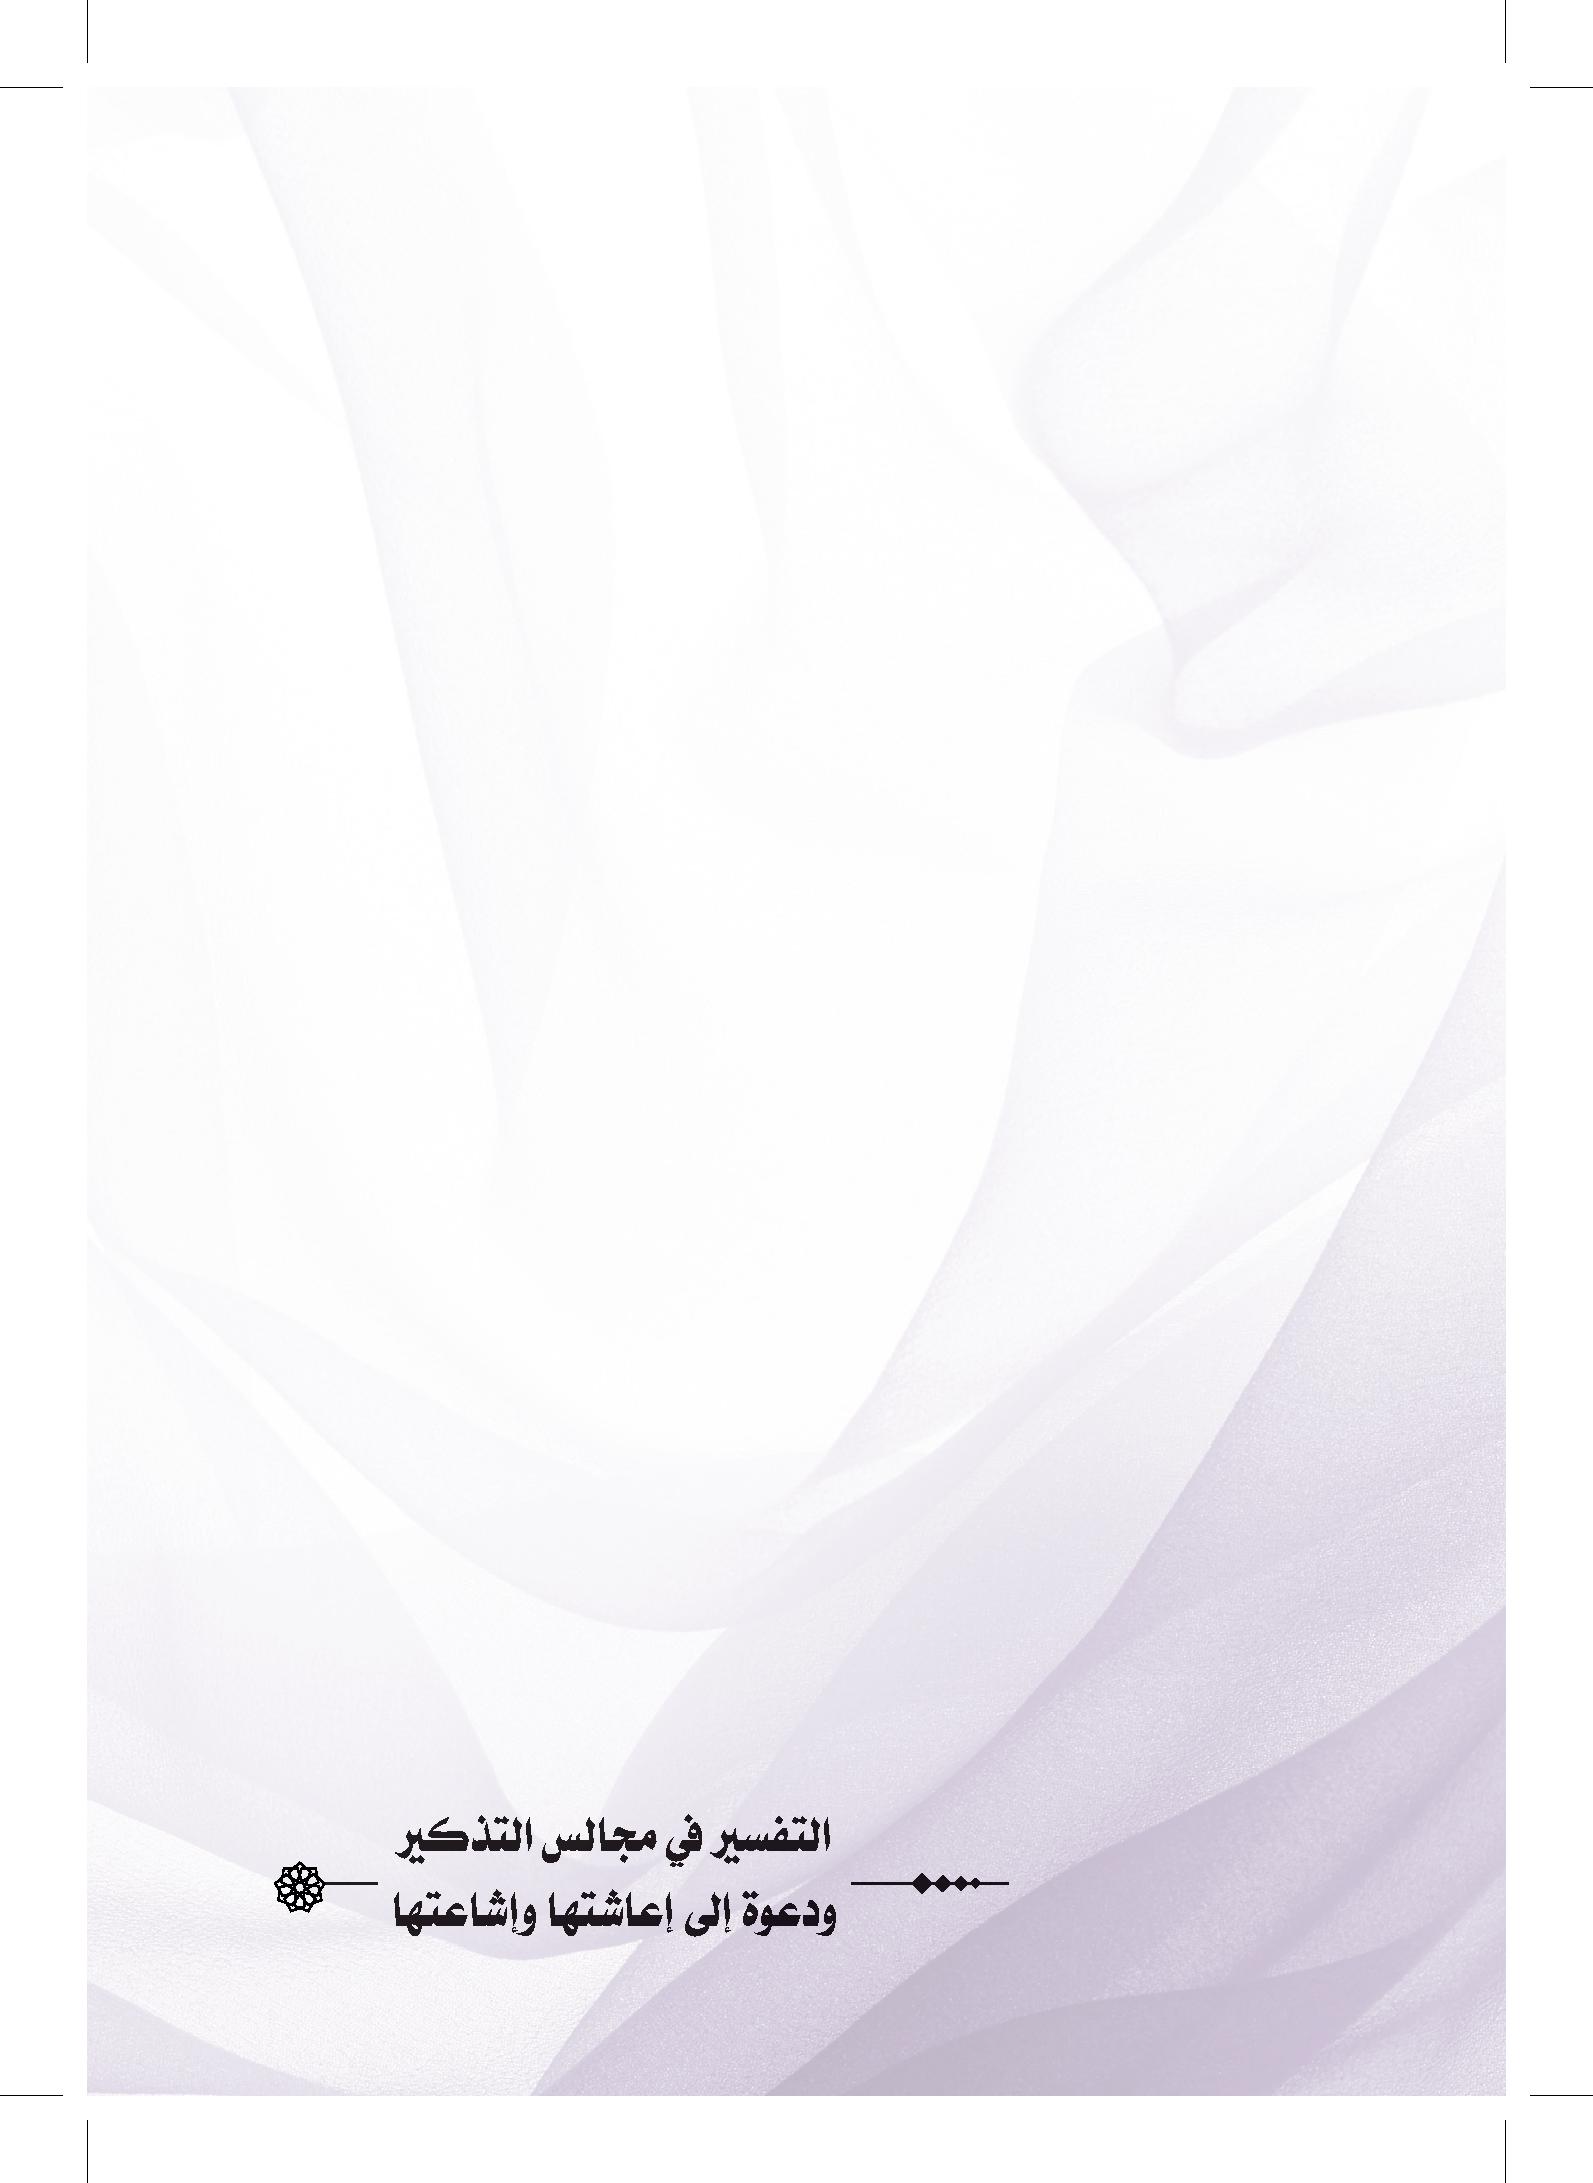 تحميل كتاب التفسير في مجالس التذكير ودعوة إلى إعاشتها وإشاعتها لـِ: الدكتور عبد الحكيم محمد الأنيس